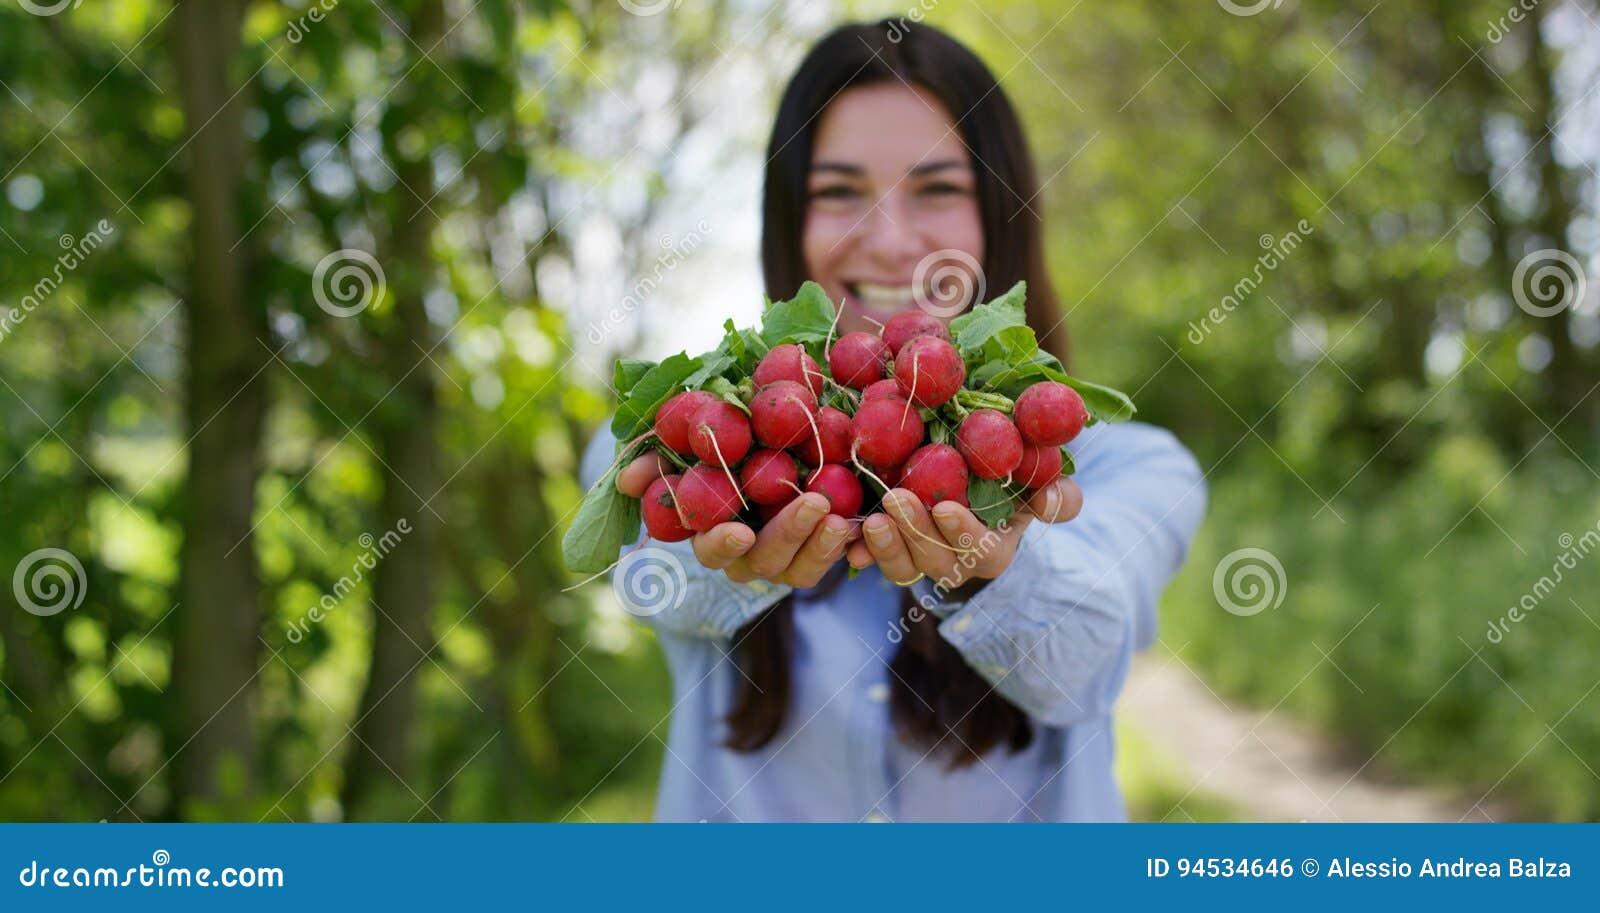 Piękna młoda dziewczyna trzyma czystej rzodkwi w ręce w tle natura, Pojęcie: biologia, życiorys produkty, życiorys ekologia,